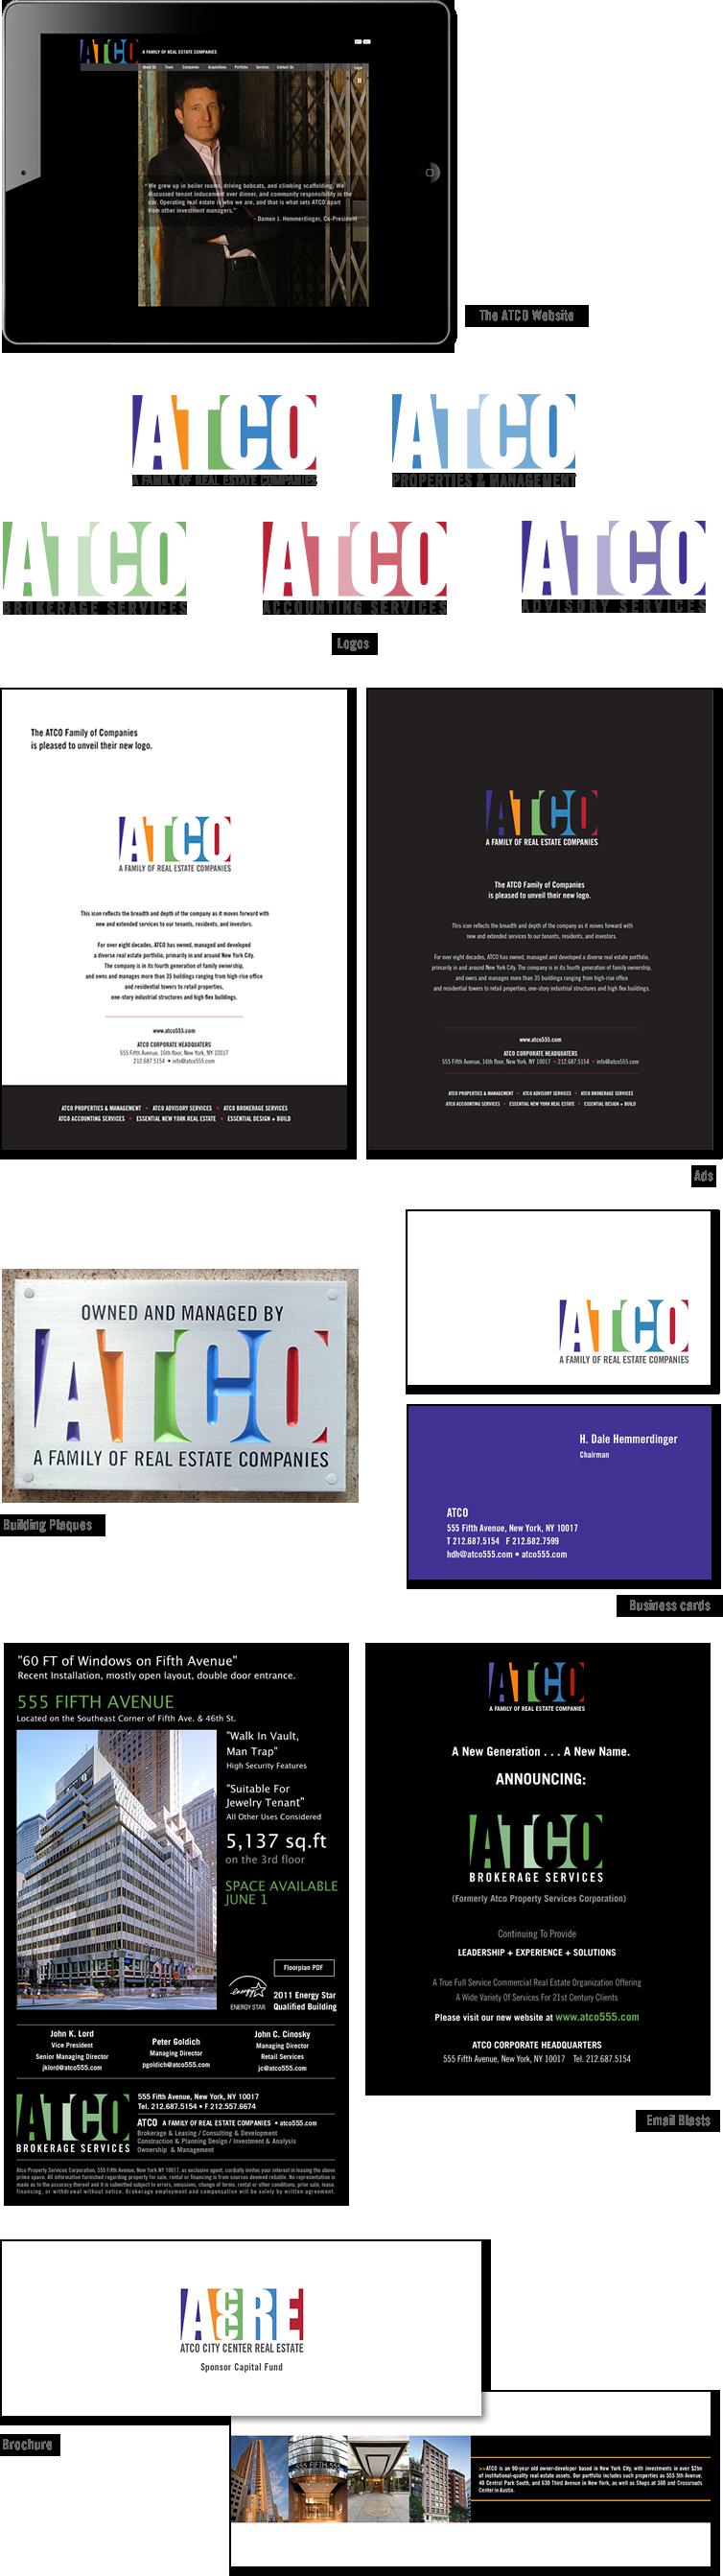 showcase-atco